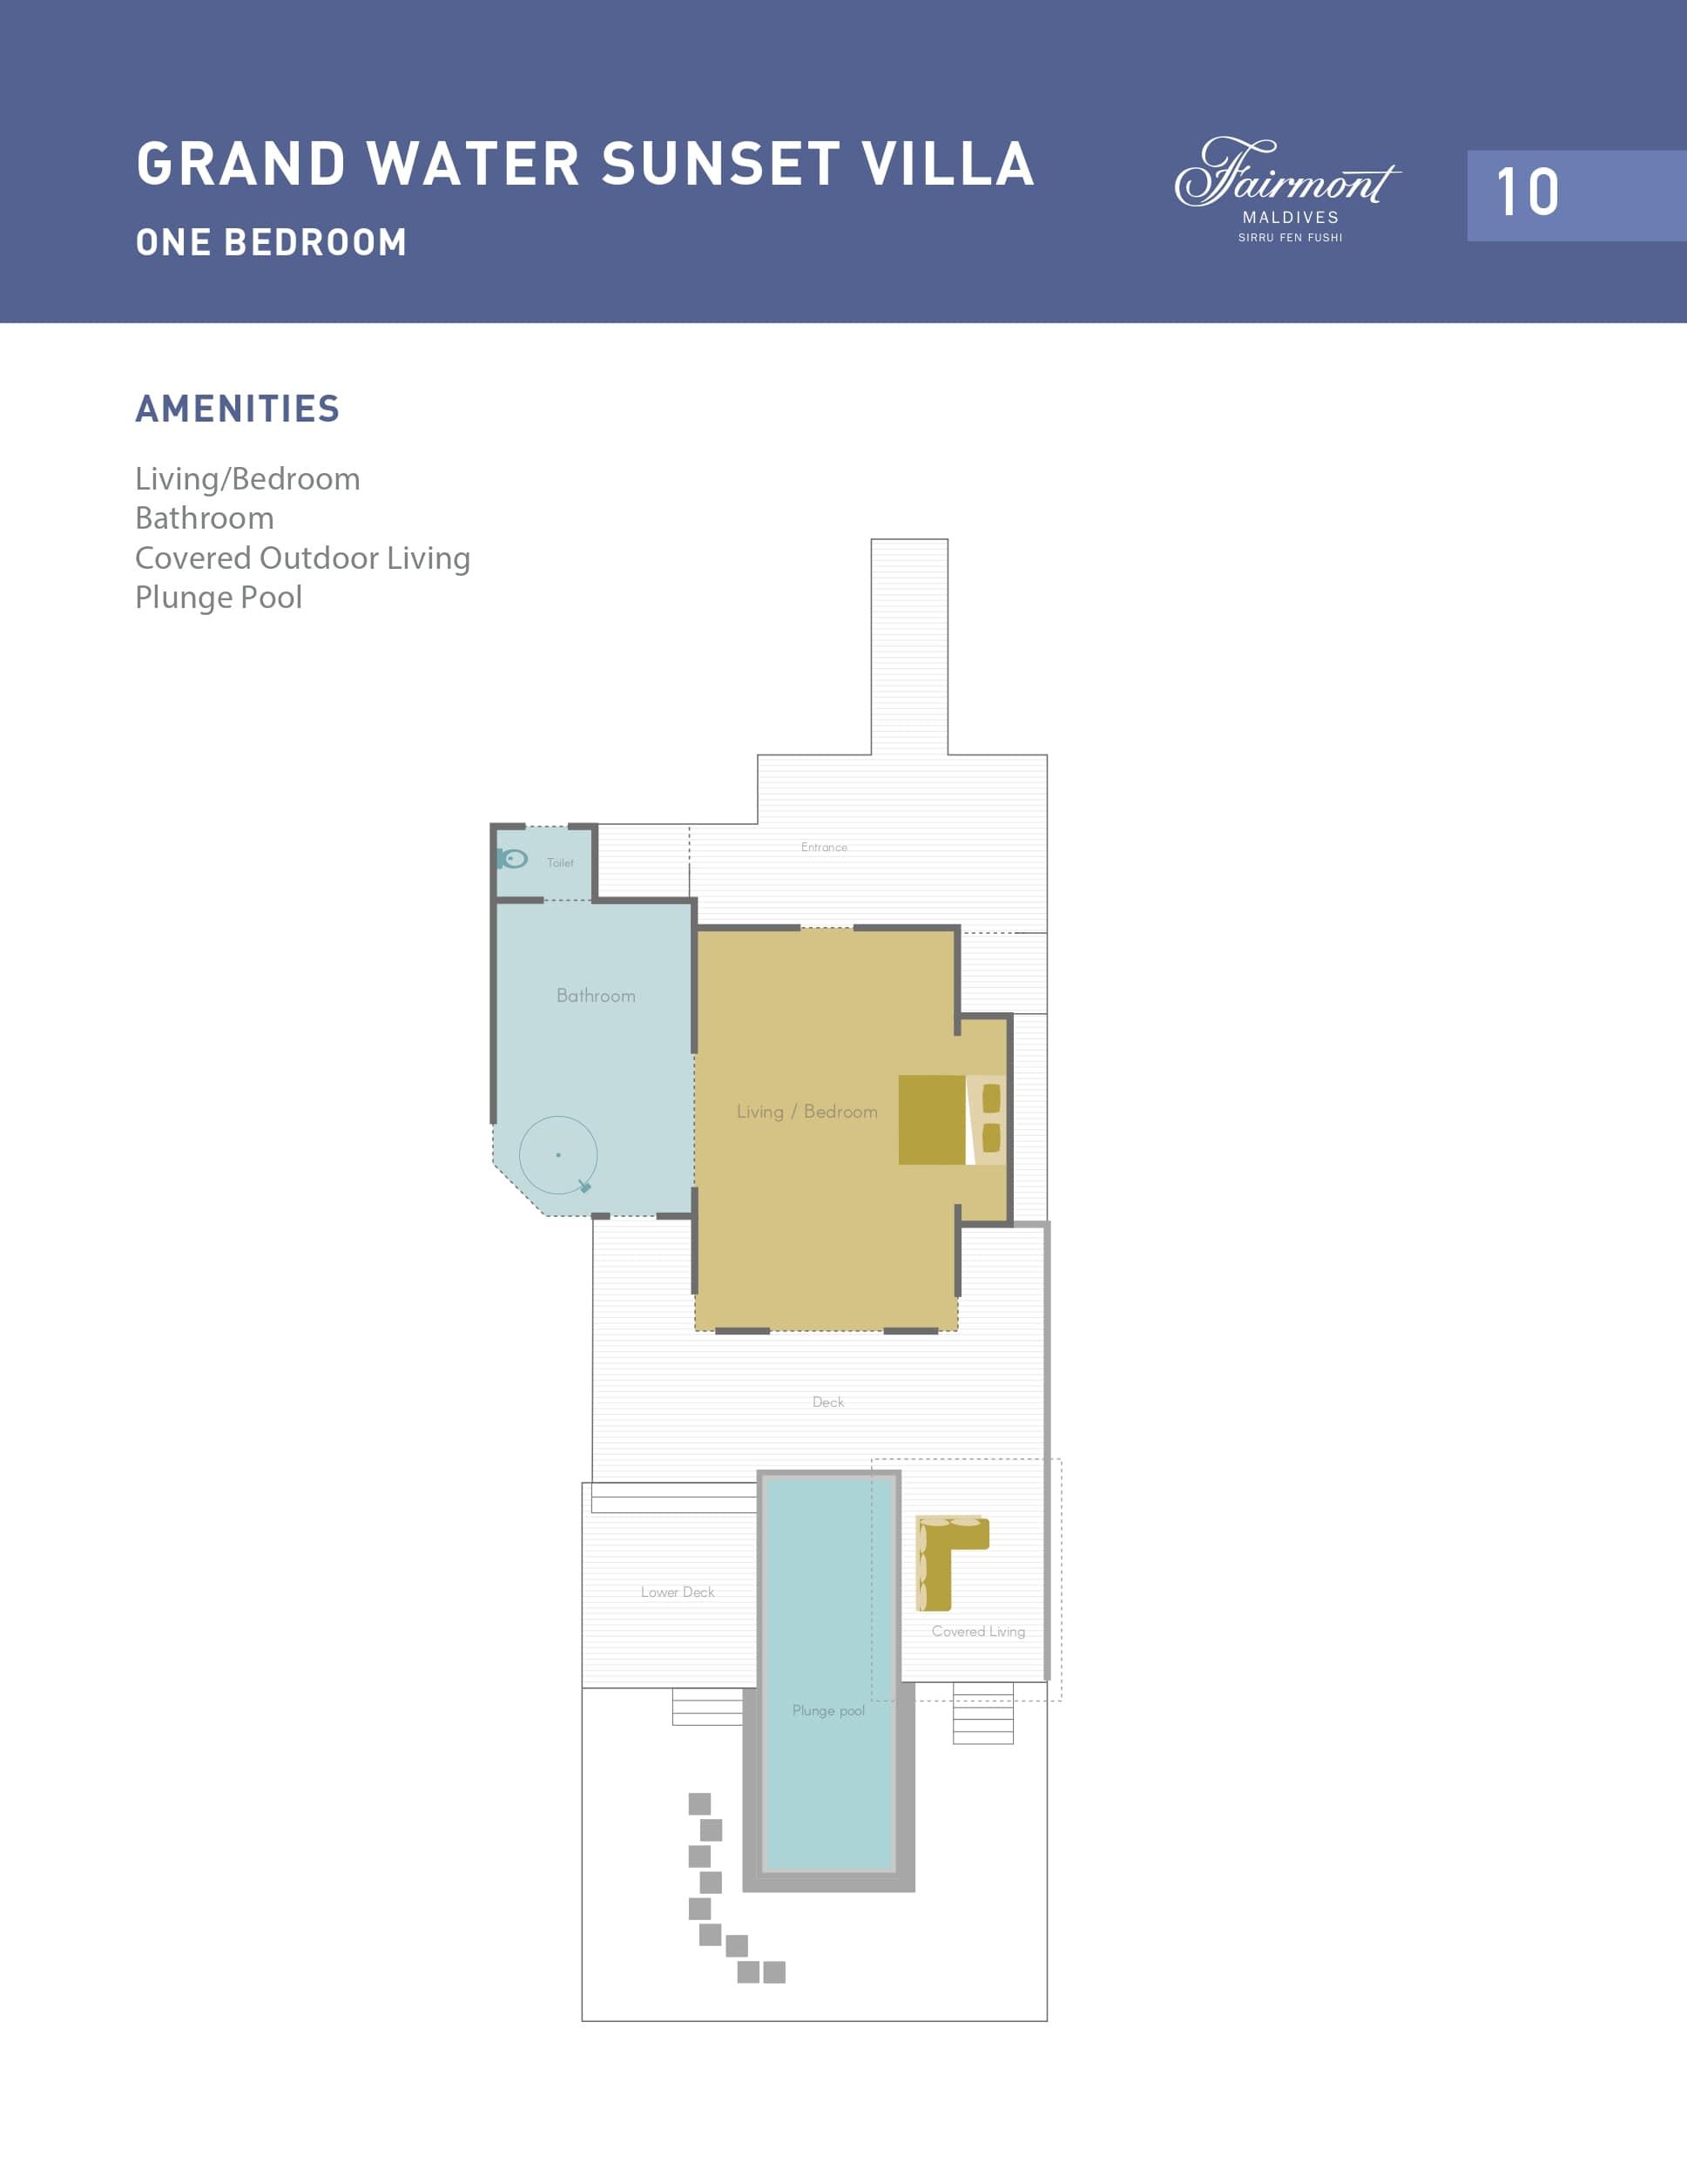 Мальдивы, отель Fairmont Maldives Sirru Fen Fushi, план-схема номера Grand Water Sunset Villa